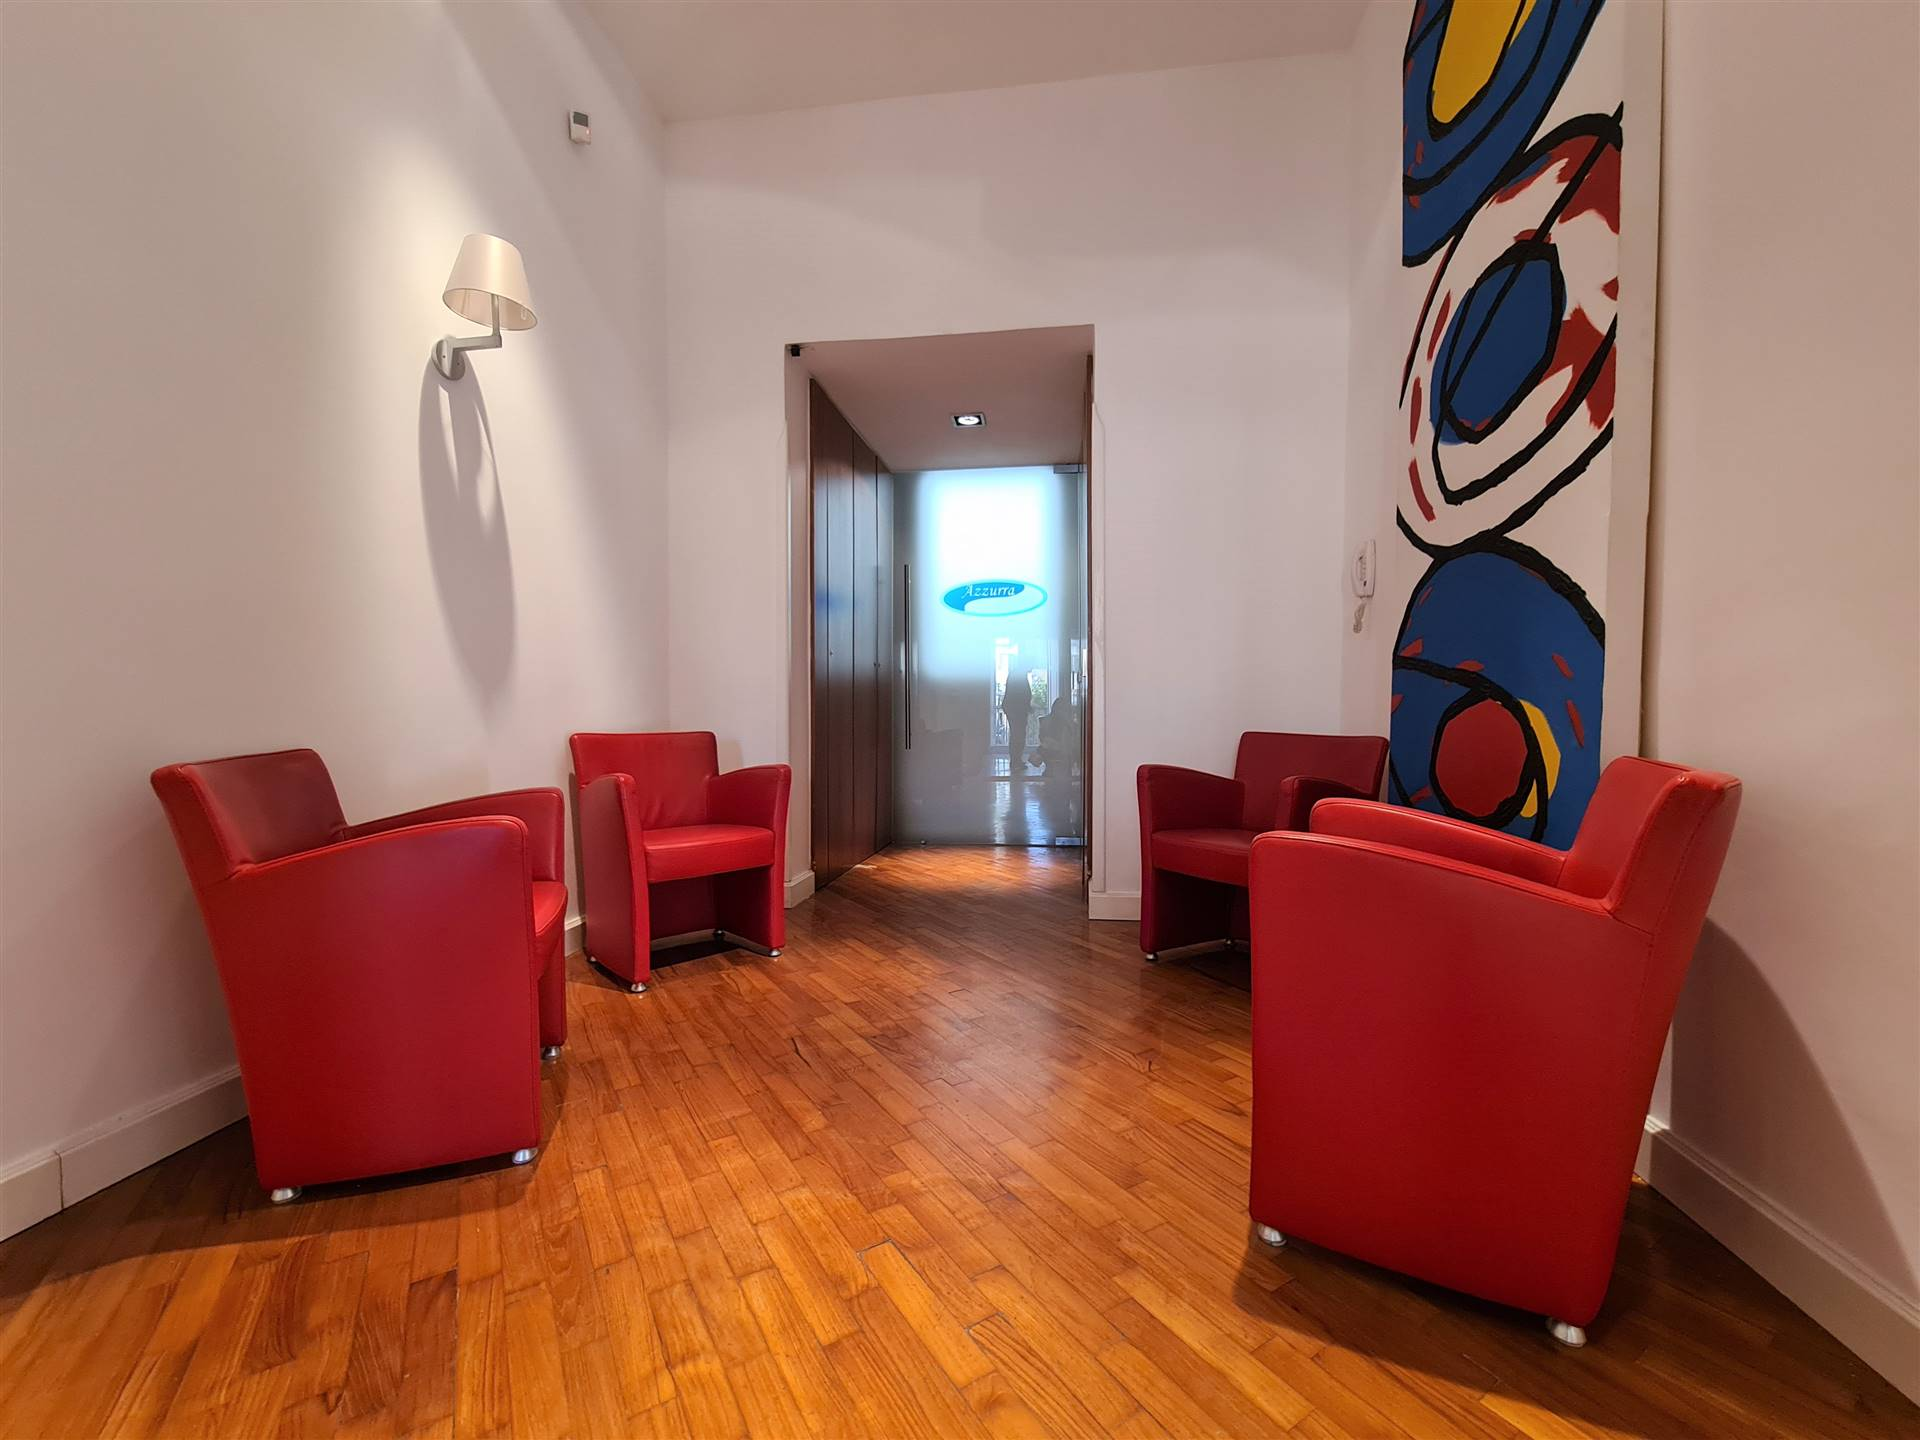 UV126A-Ufficio-SANTA-MARIA-CAPUA-VETERE-Via-Antonio-Simoncelli